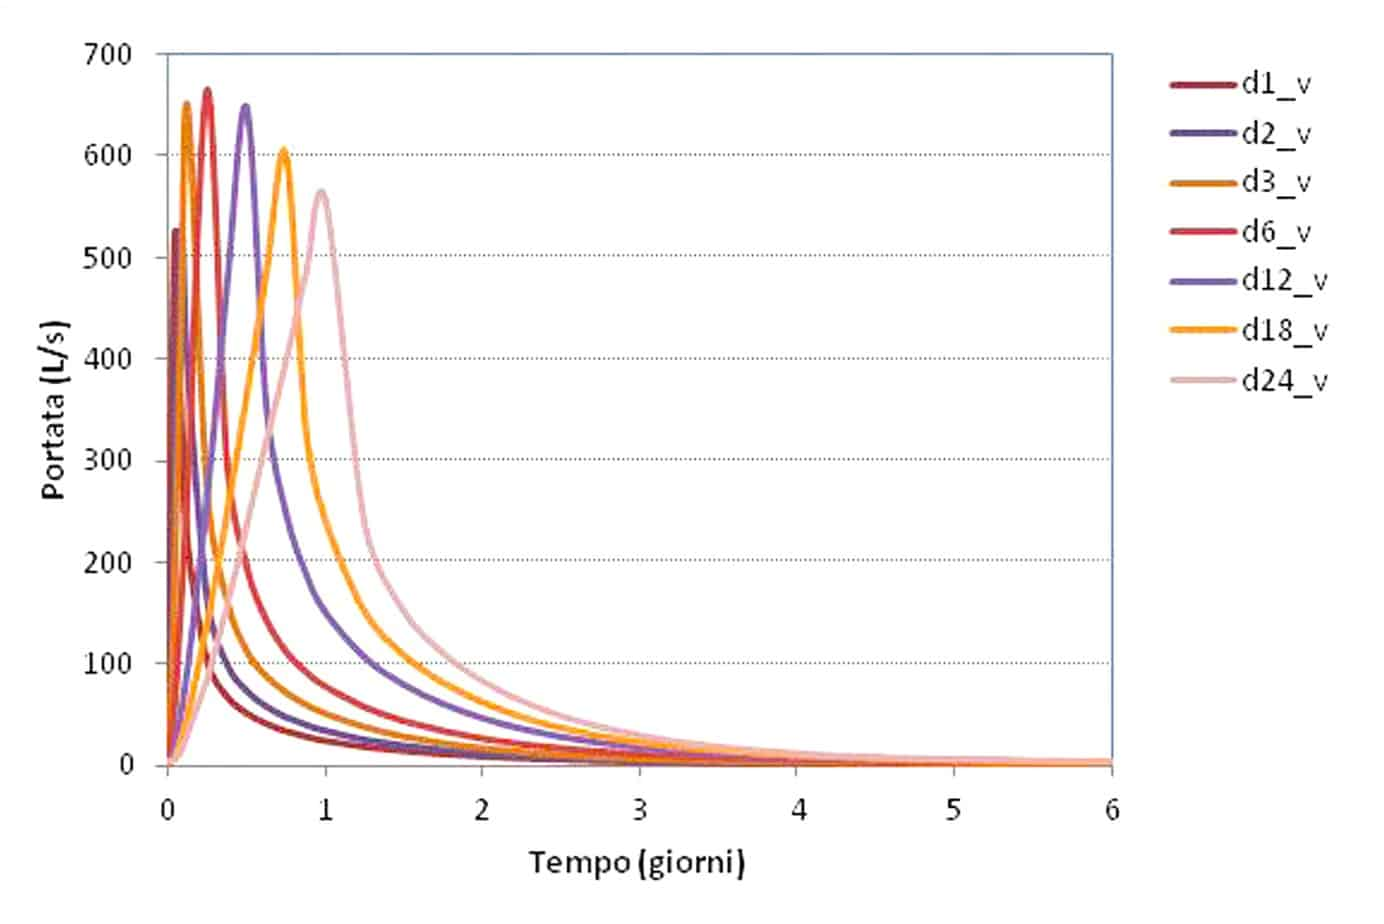 I risultati delle simulazioni con ricarica a distribuzione costante complessivi dell'intero tracciato. Ogni curva rappresenta una simulazione di durata diversa